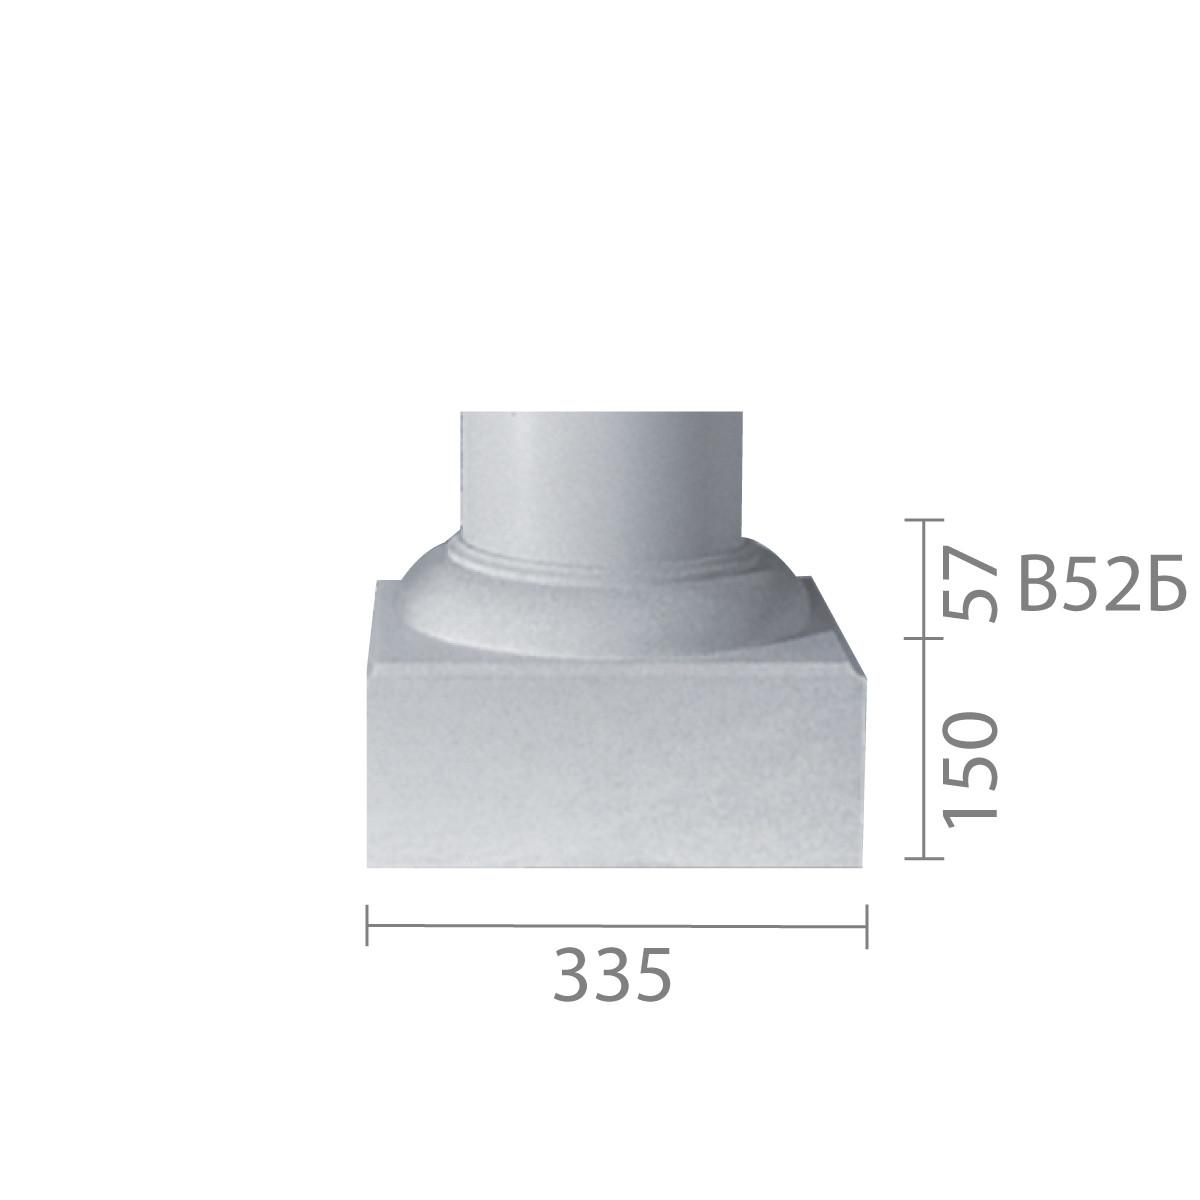 База колонны б-52 (1/2)